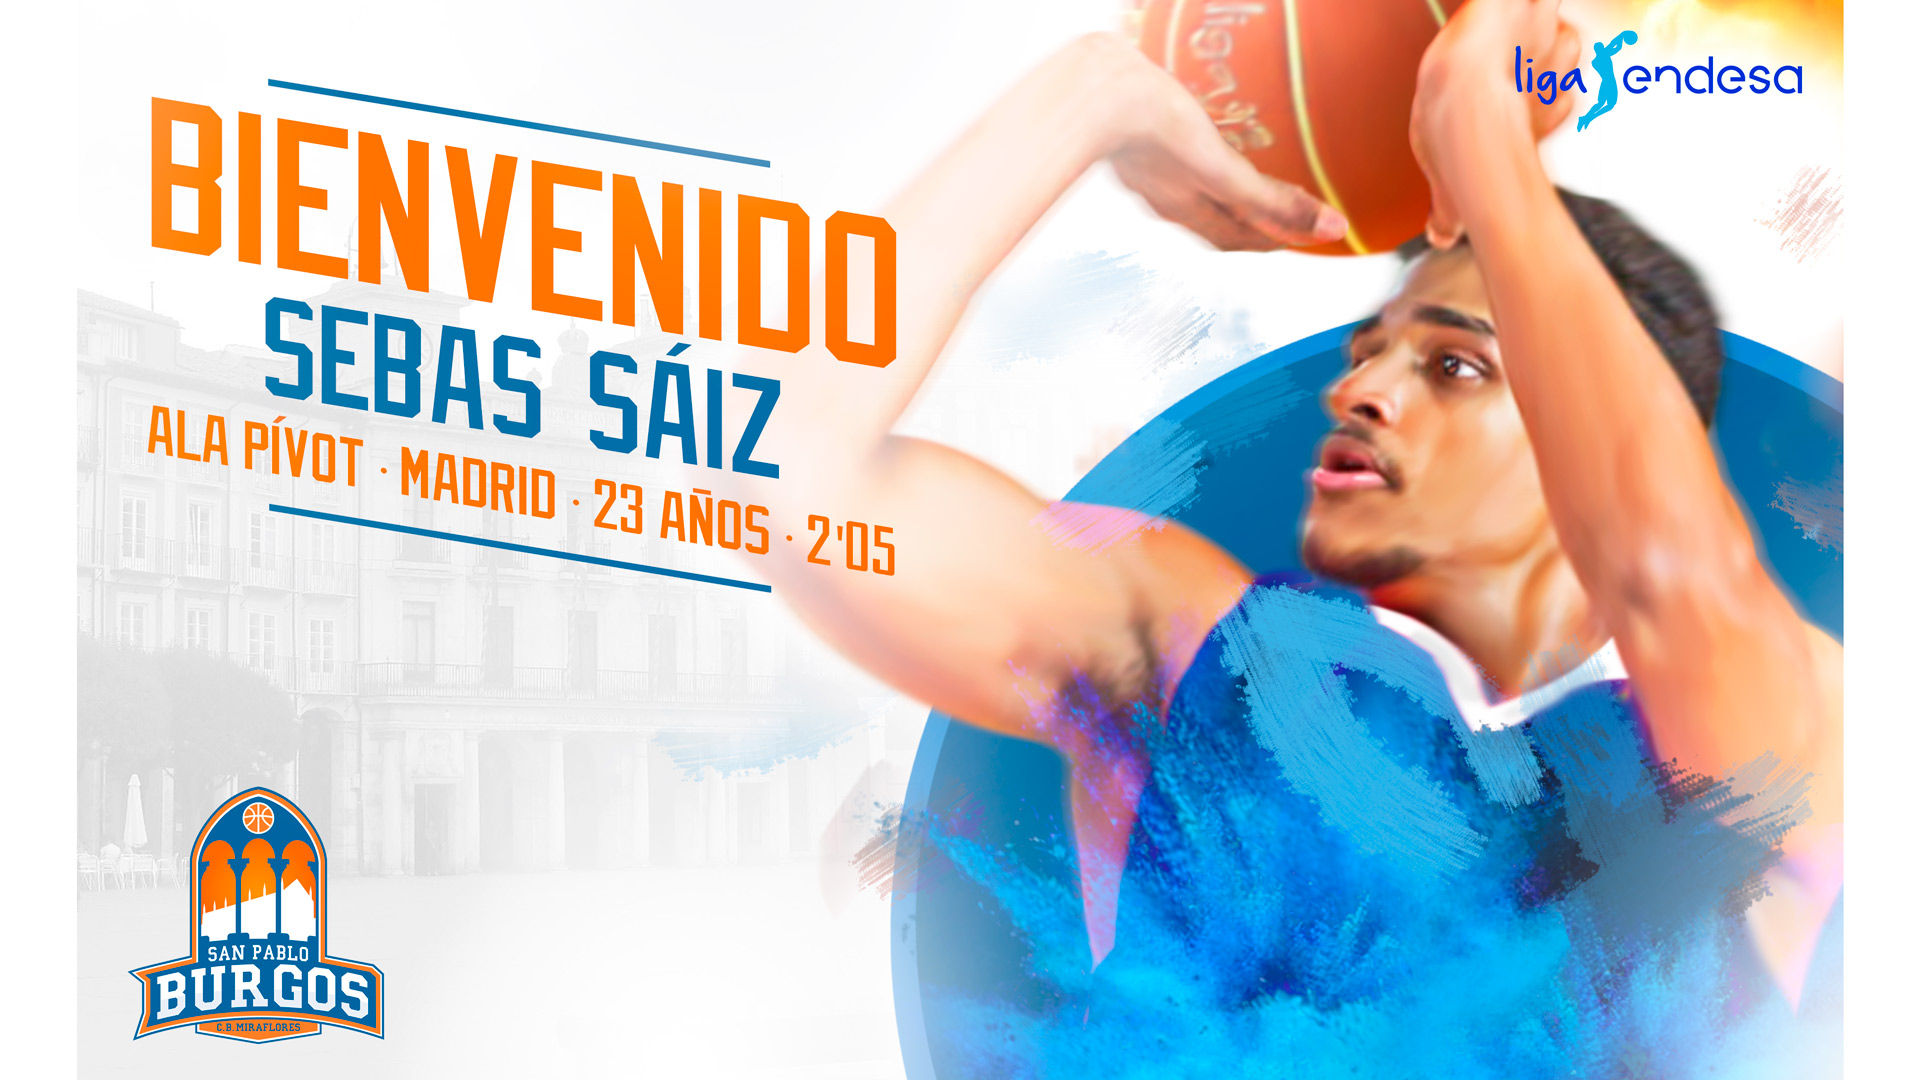 Sebas Sáiz llega al San Pablo Burgos 2017 18 tras batir récords en la NCAA.